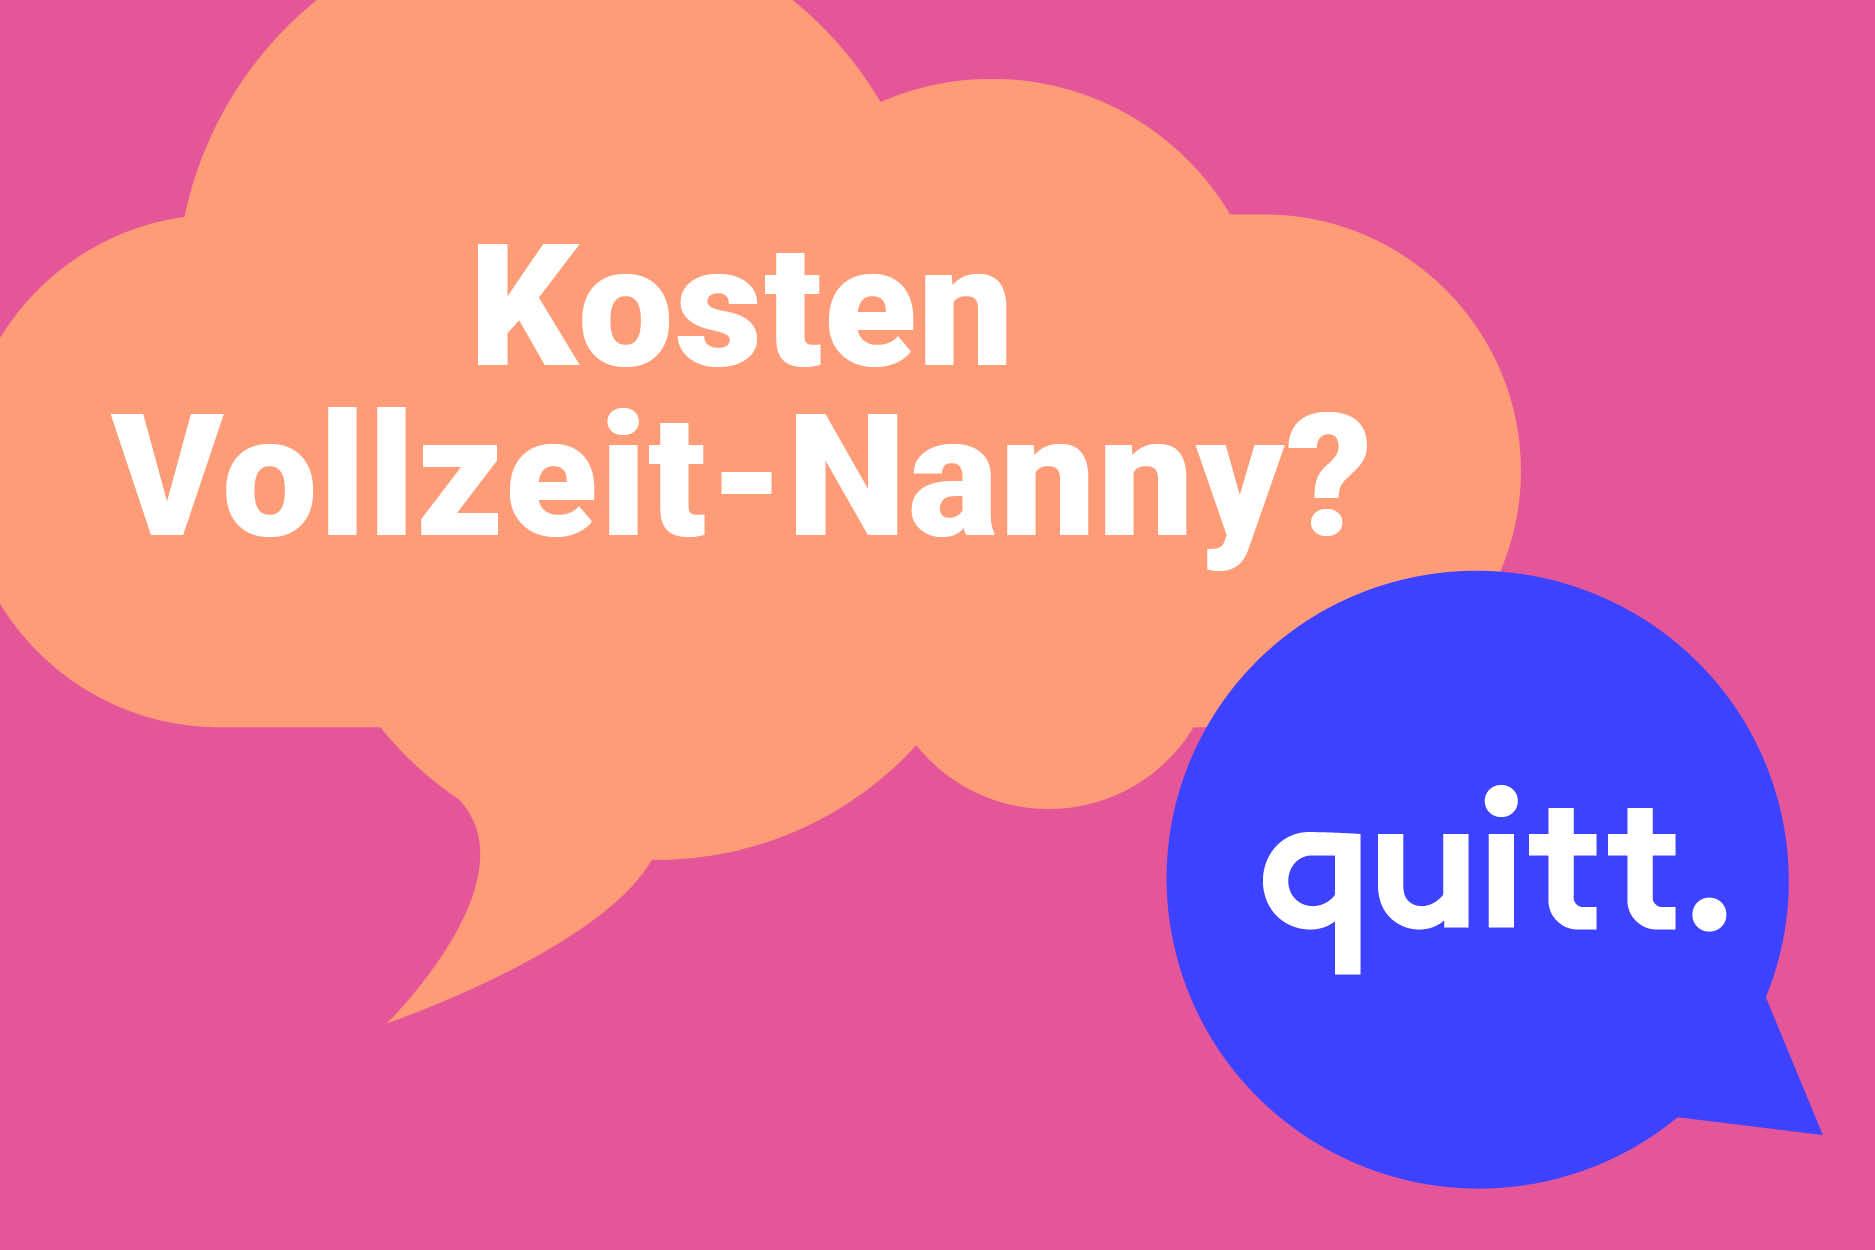 Quitt. Was Sind Die Kosten Für Eine Vollzeit Nanny?